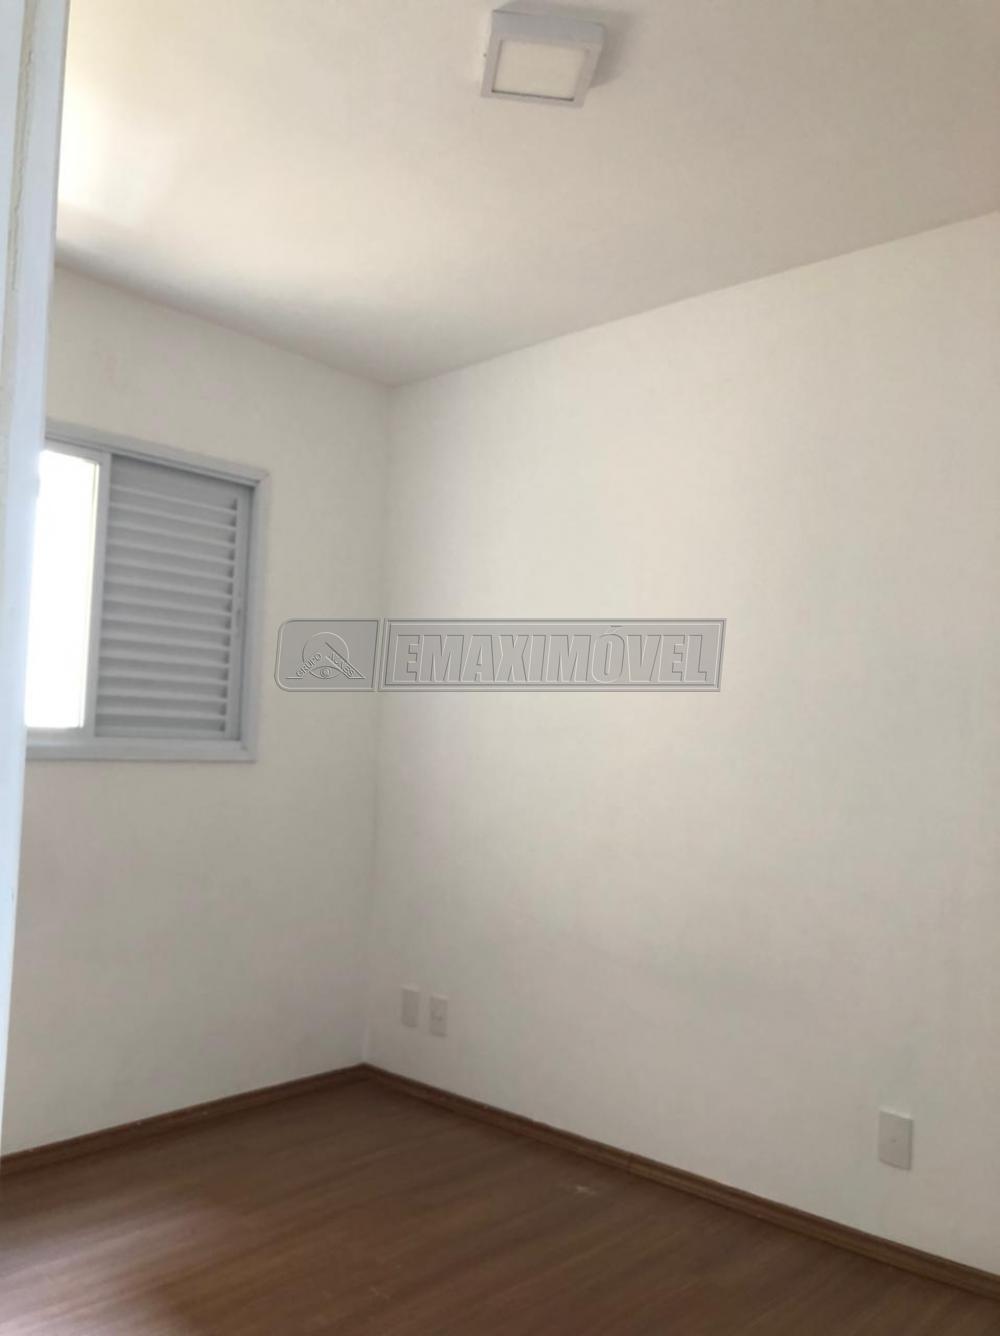 Comprar Apartamento / Padrão em Votorantim R$ 360.000,00 - Foto 11